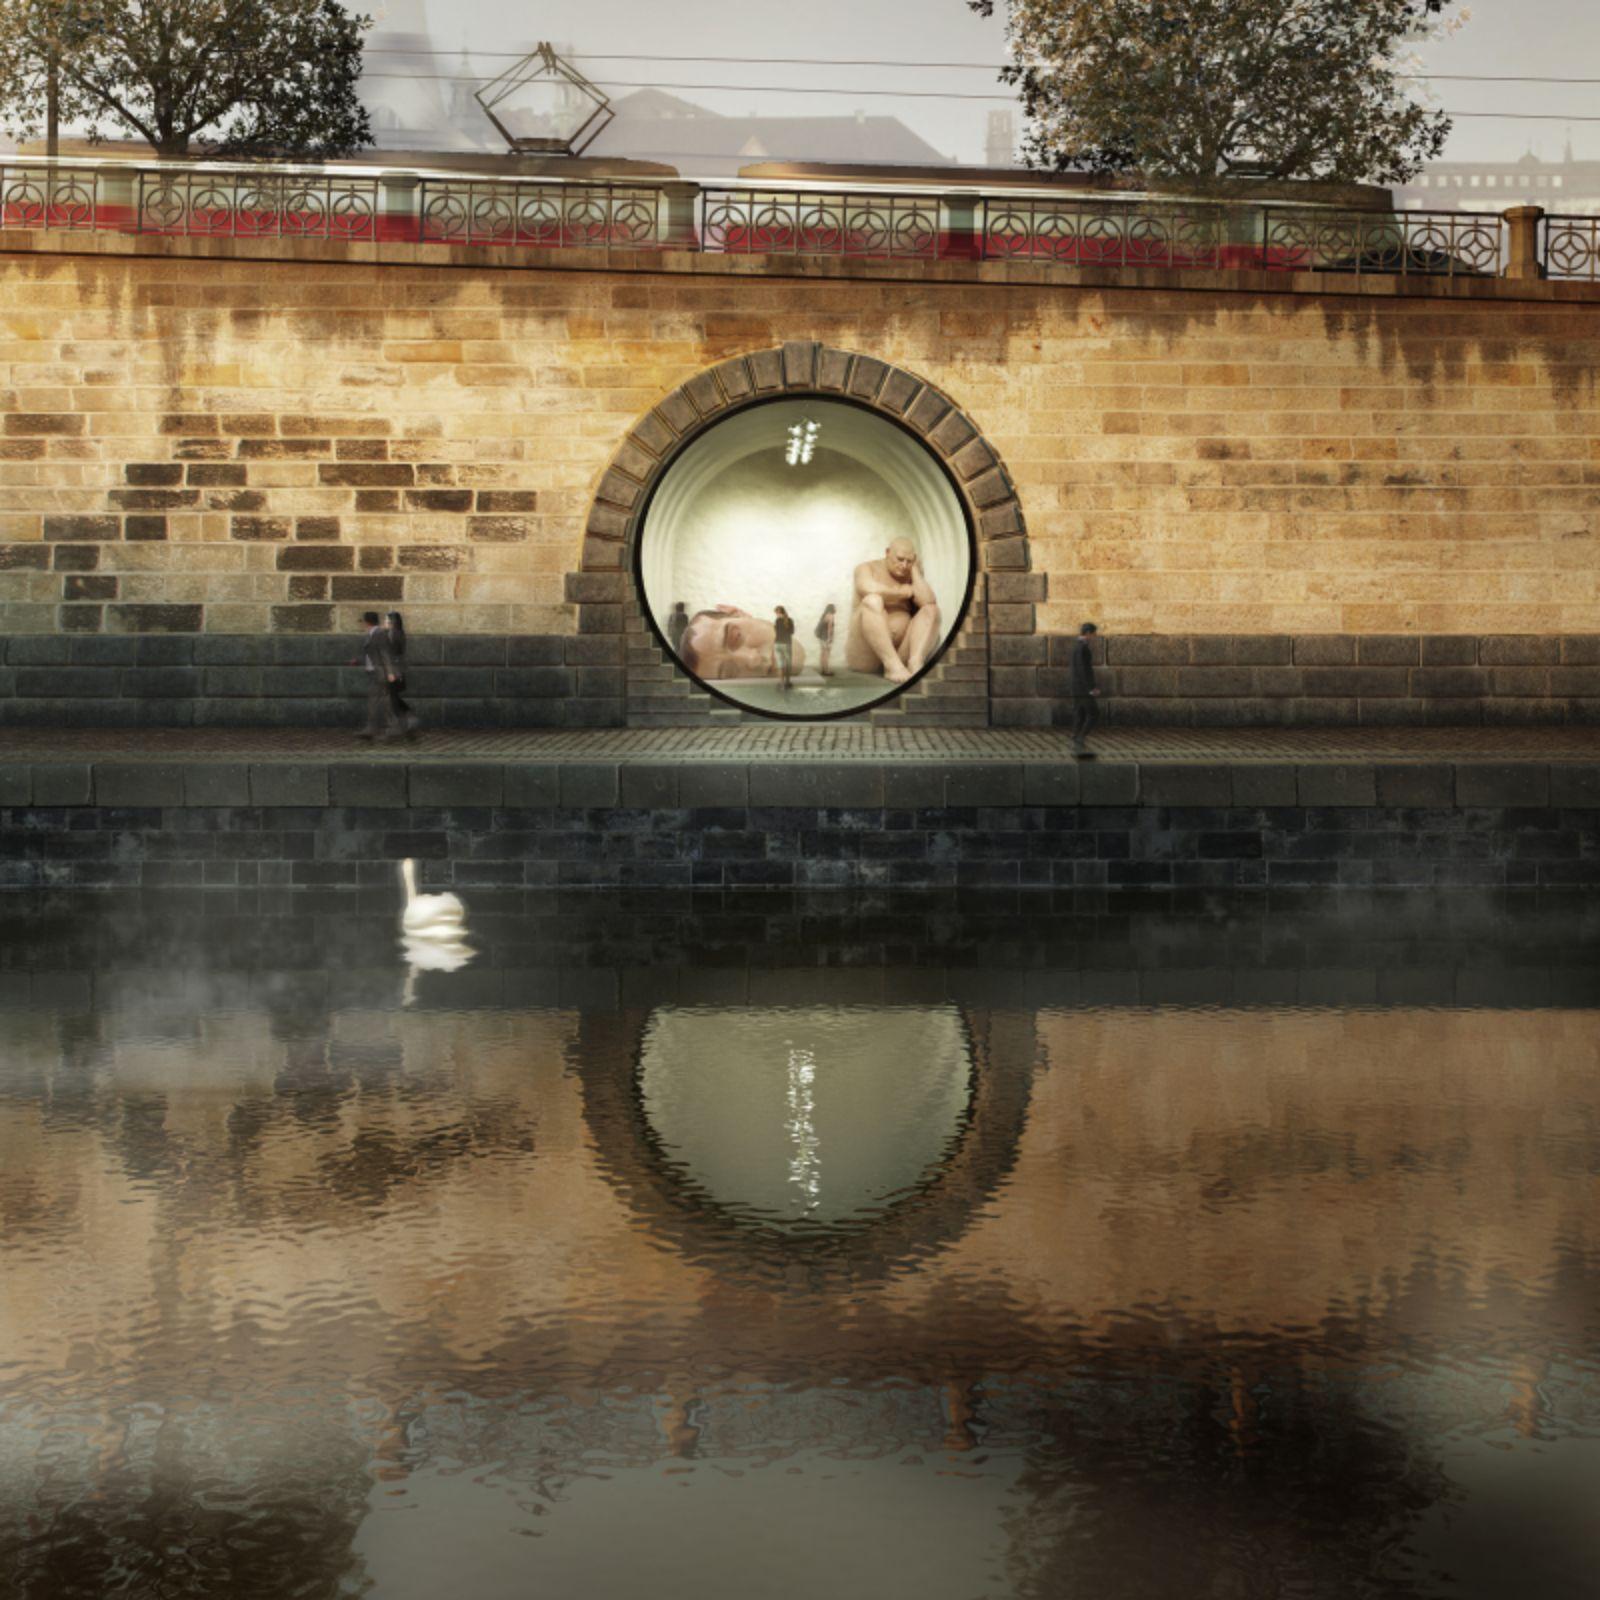 חללים עגולים בתוך הקיר ההיסטורי בפראג, התמלאו בחיים ובתרבות